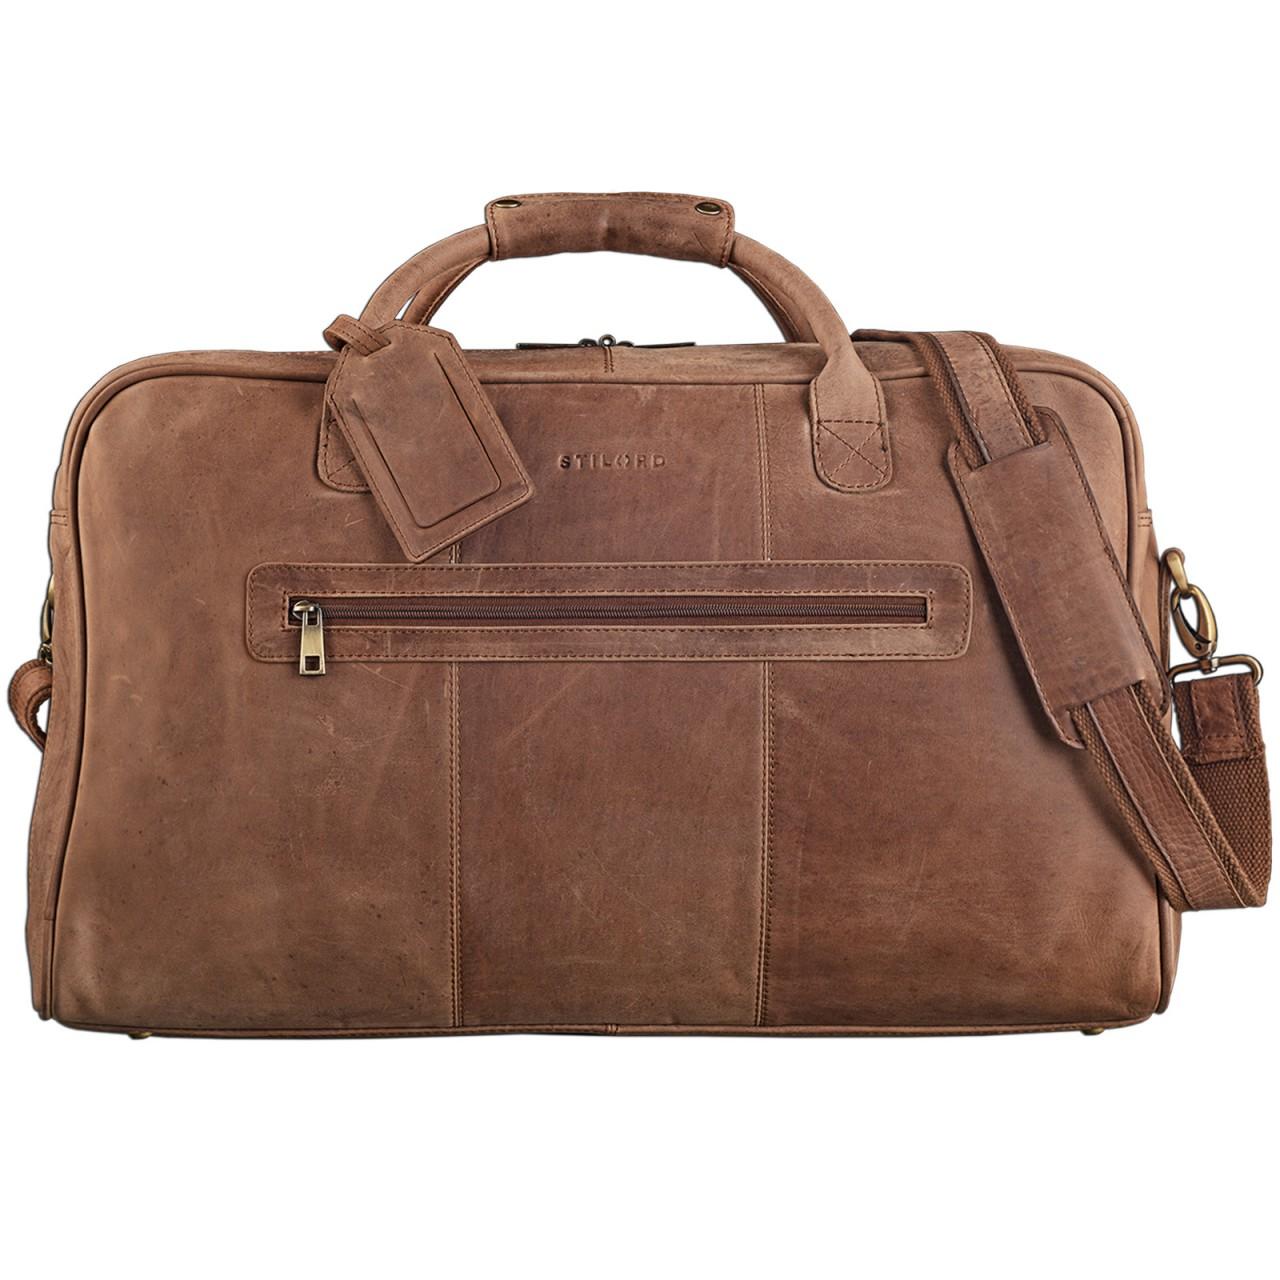 Stilord vintage reisetasche xxl gro leder weekend bag for Xxl ohrensessel leder